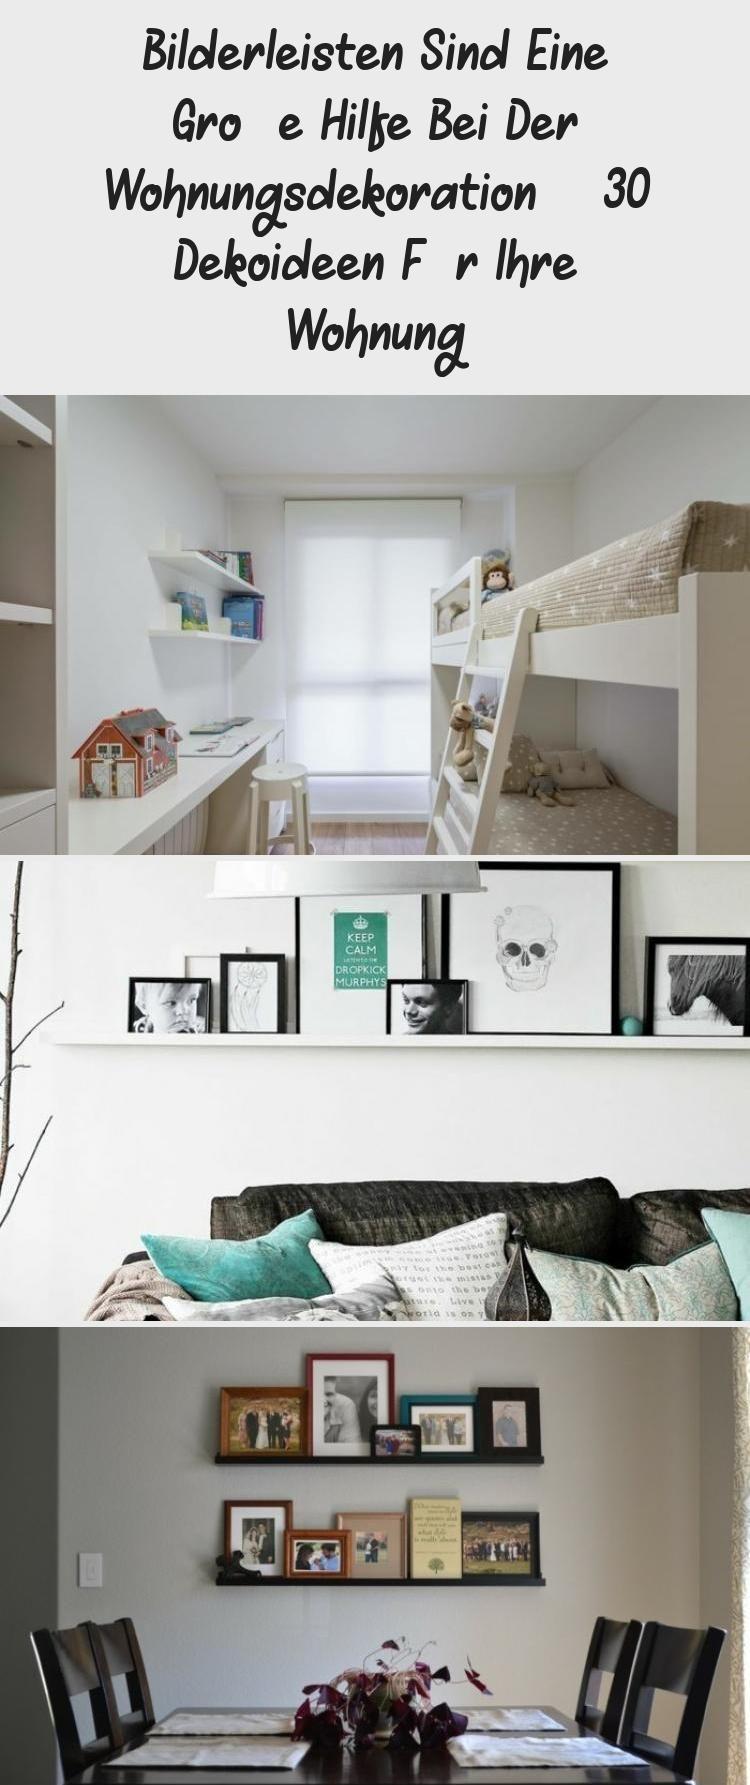 Bilderleisten Sind Eine Grosse Hilfe Bei Der Wohnungsdekoration 30 Dekoideen Fur Ihre Wohnung Saloncomedor Fotowand Bilderwand Livin In 2020 Home Decor Home Decor